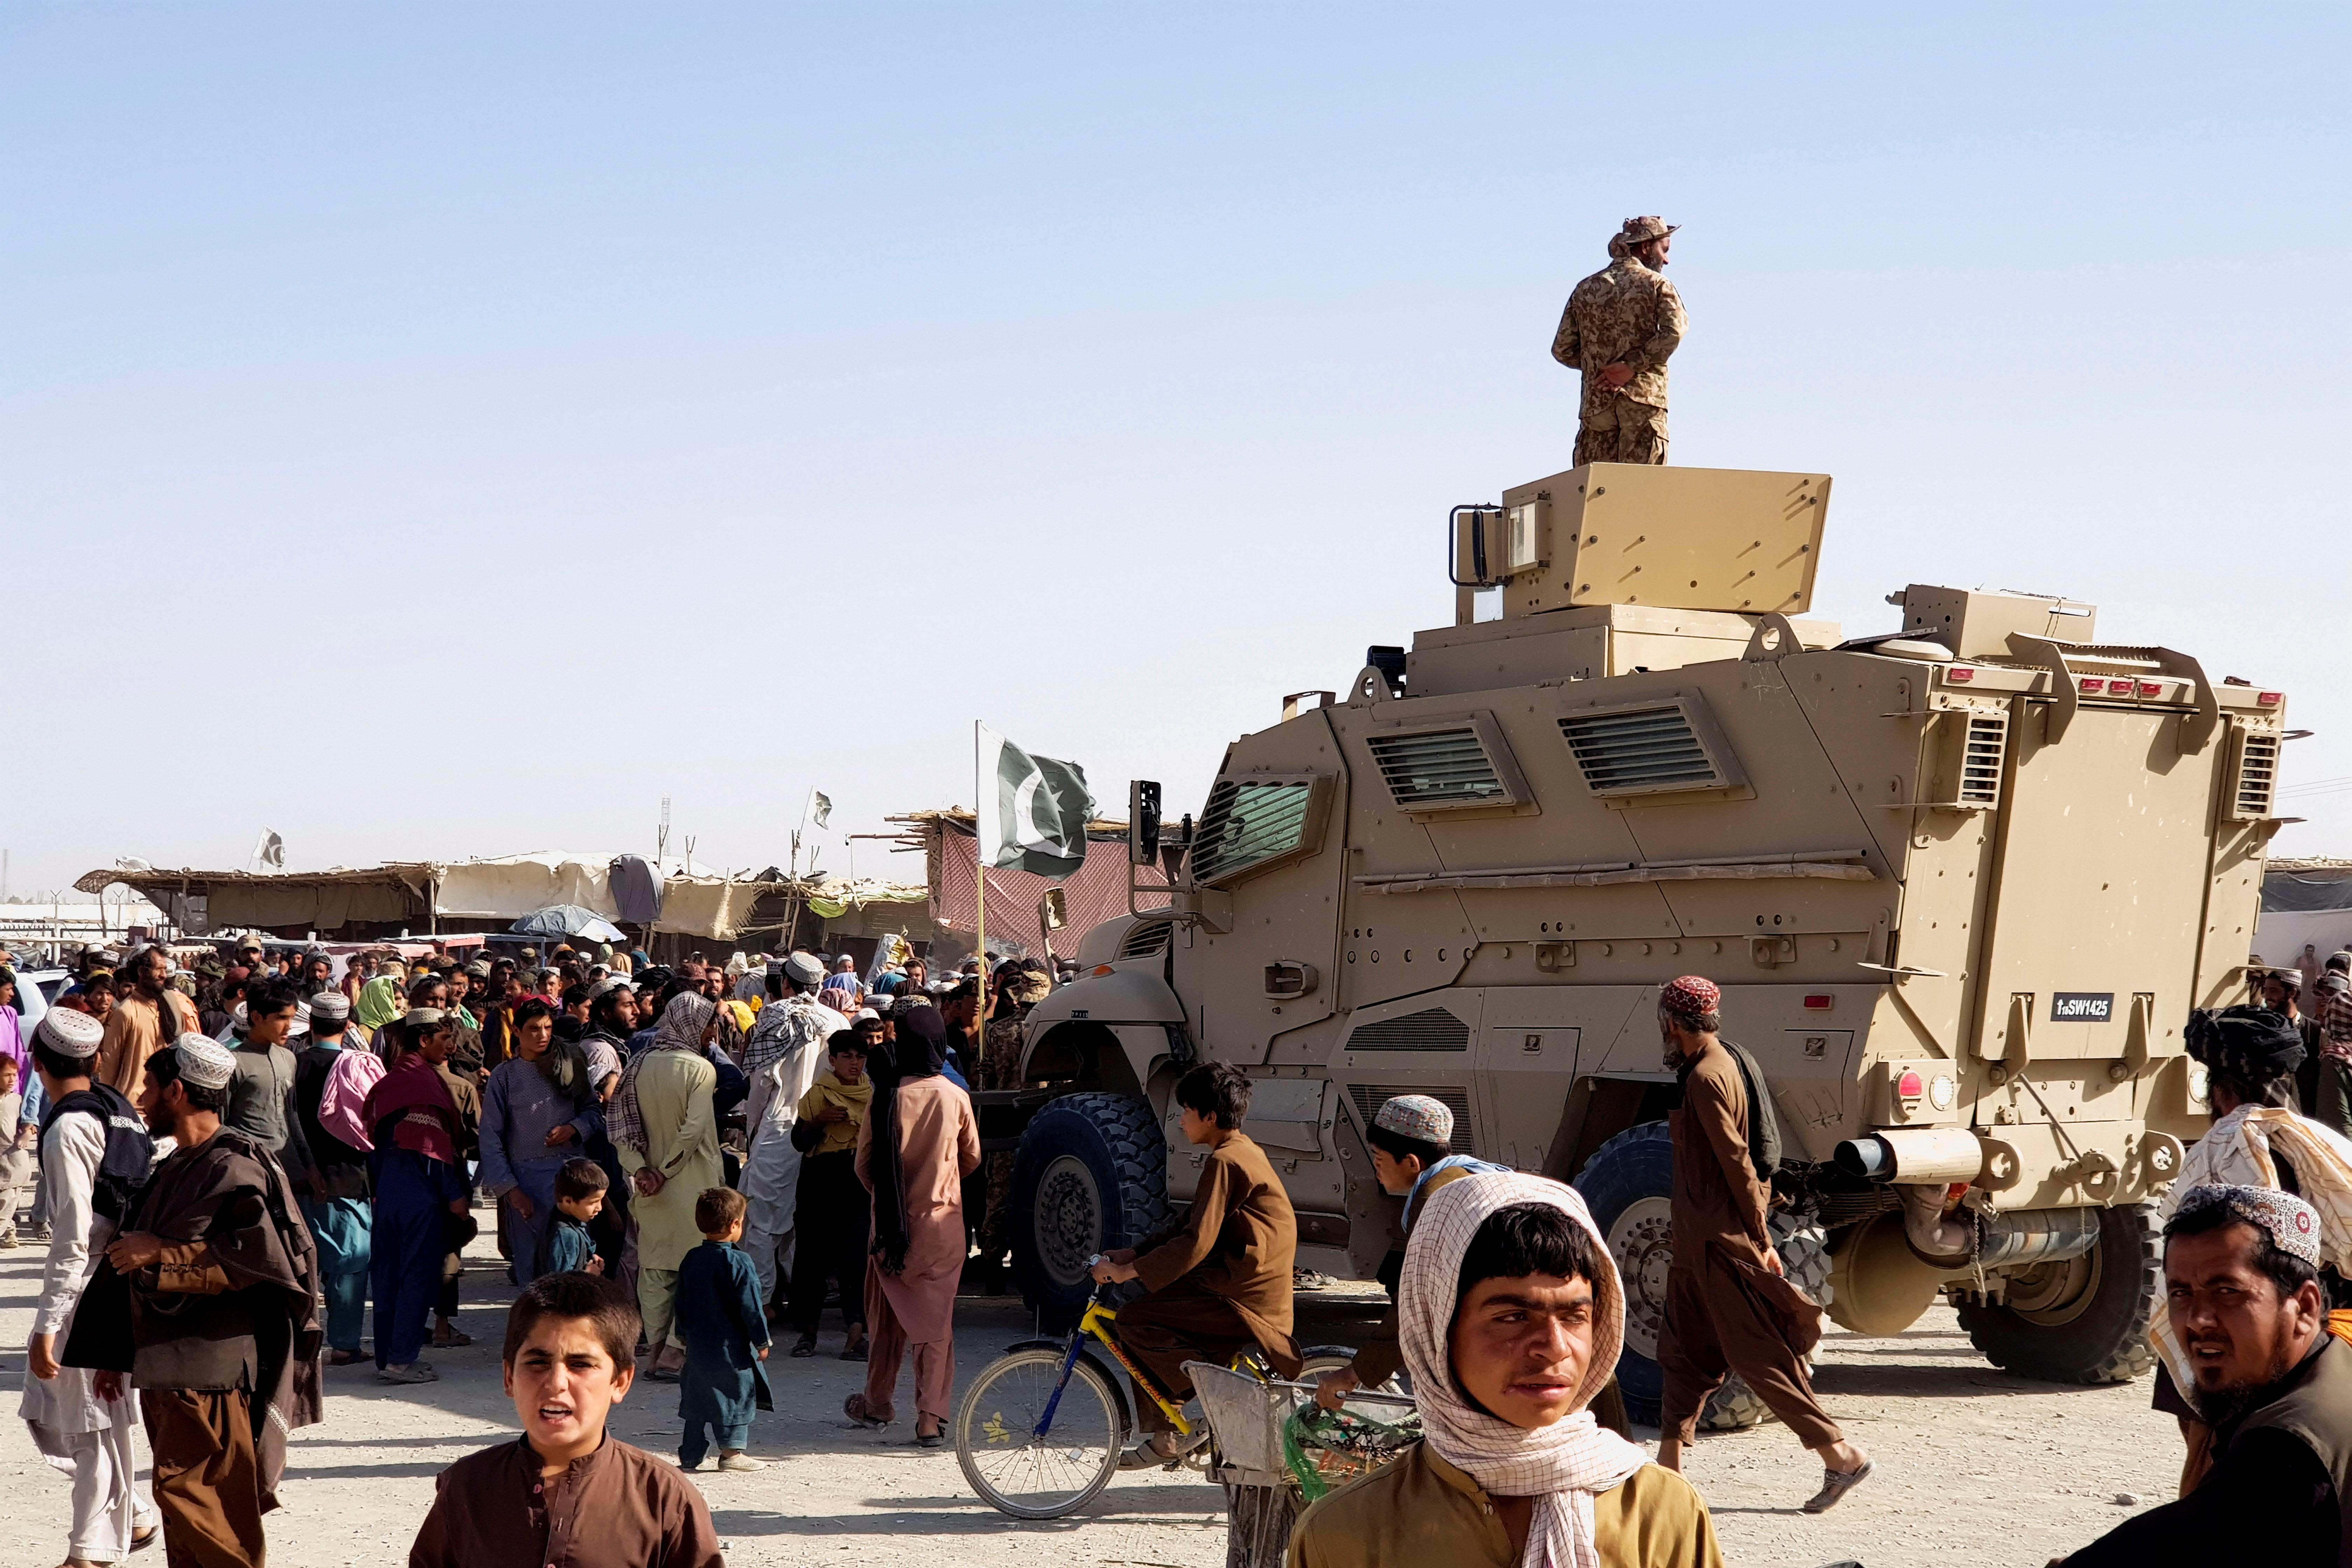 अफगानिस्तान-पाकिस्तान बॉर्डर पर पलायन करने वाले लोगों का हुजूम उमड़ा हुआ है।